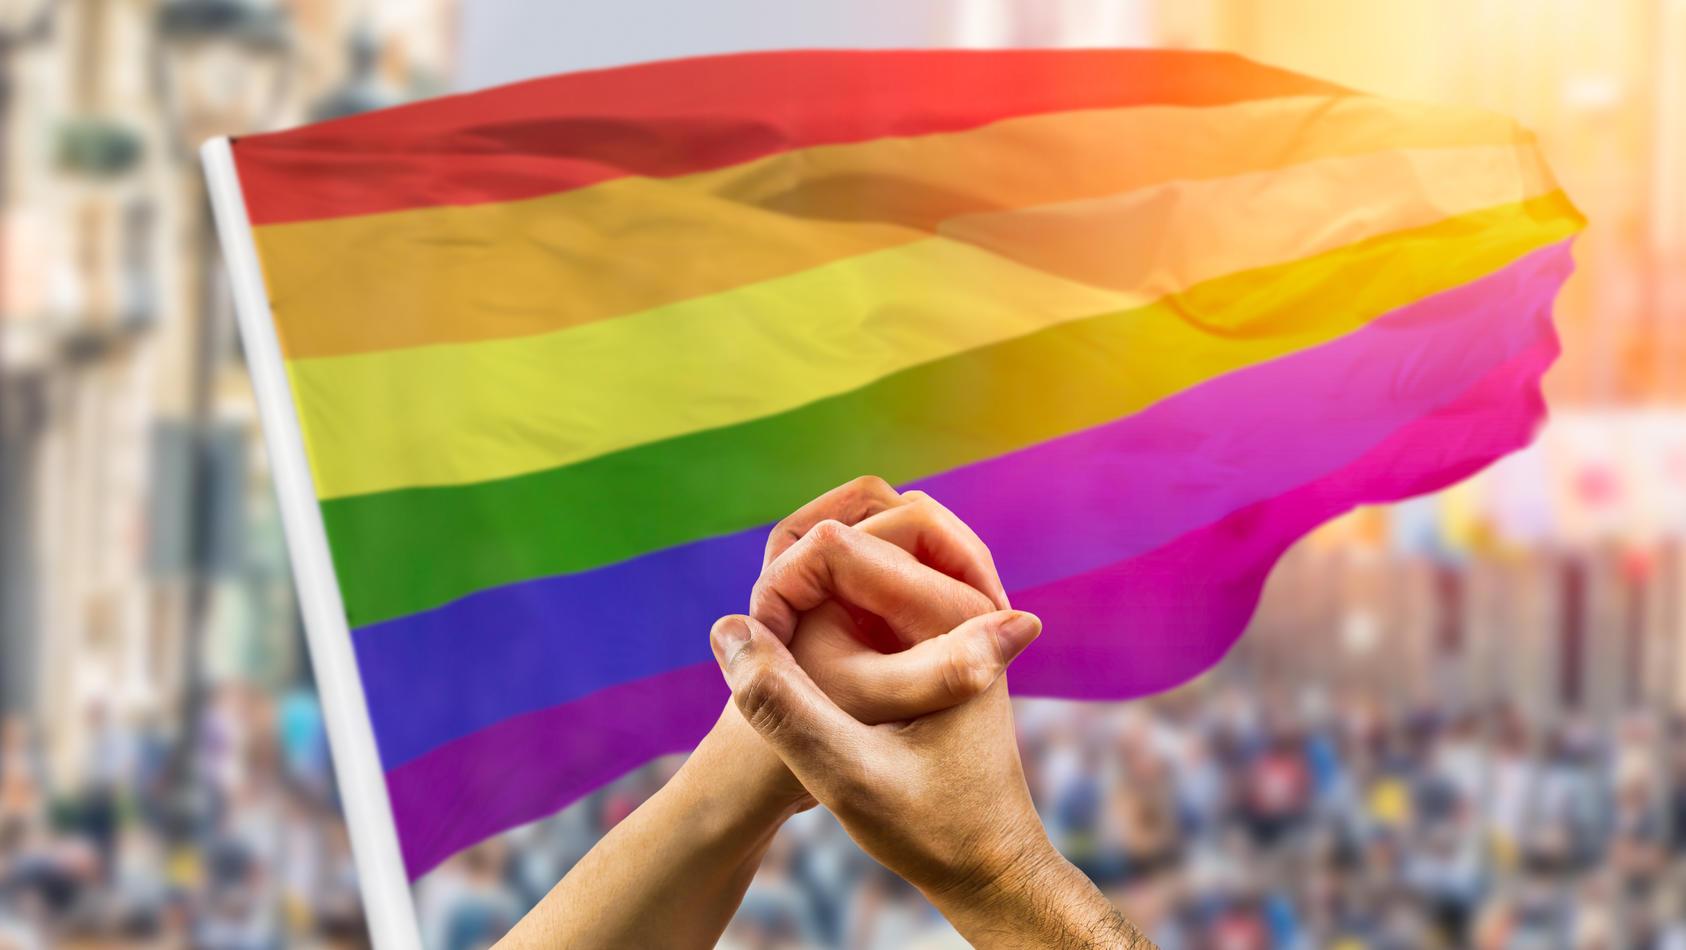 Die bunte Regenbogenflagge